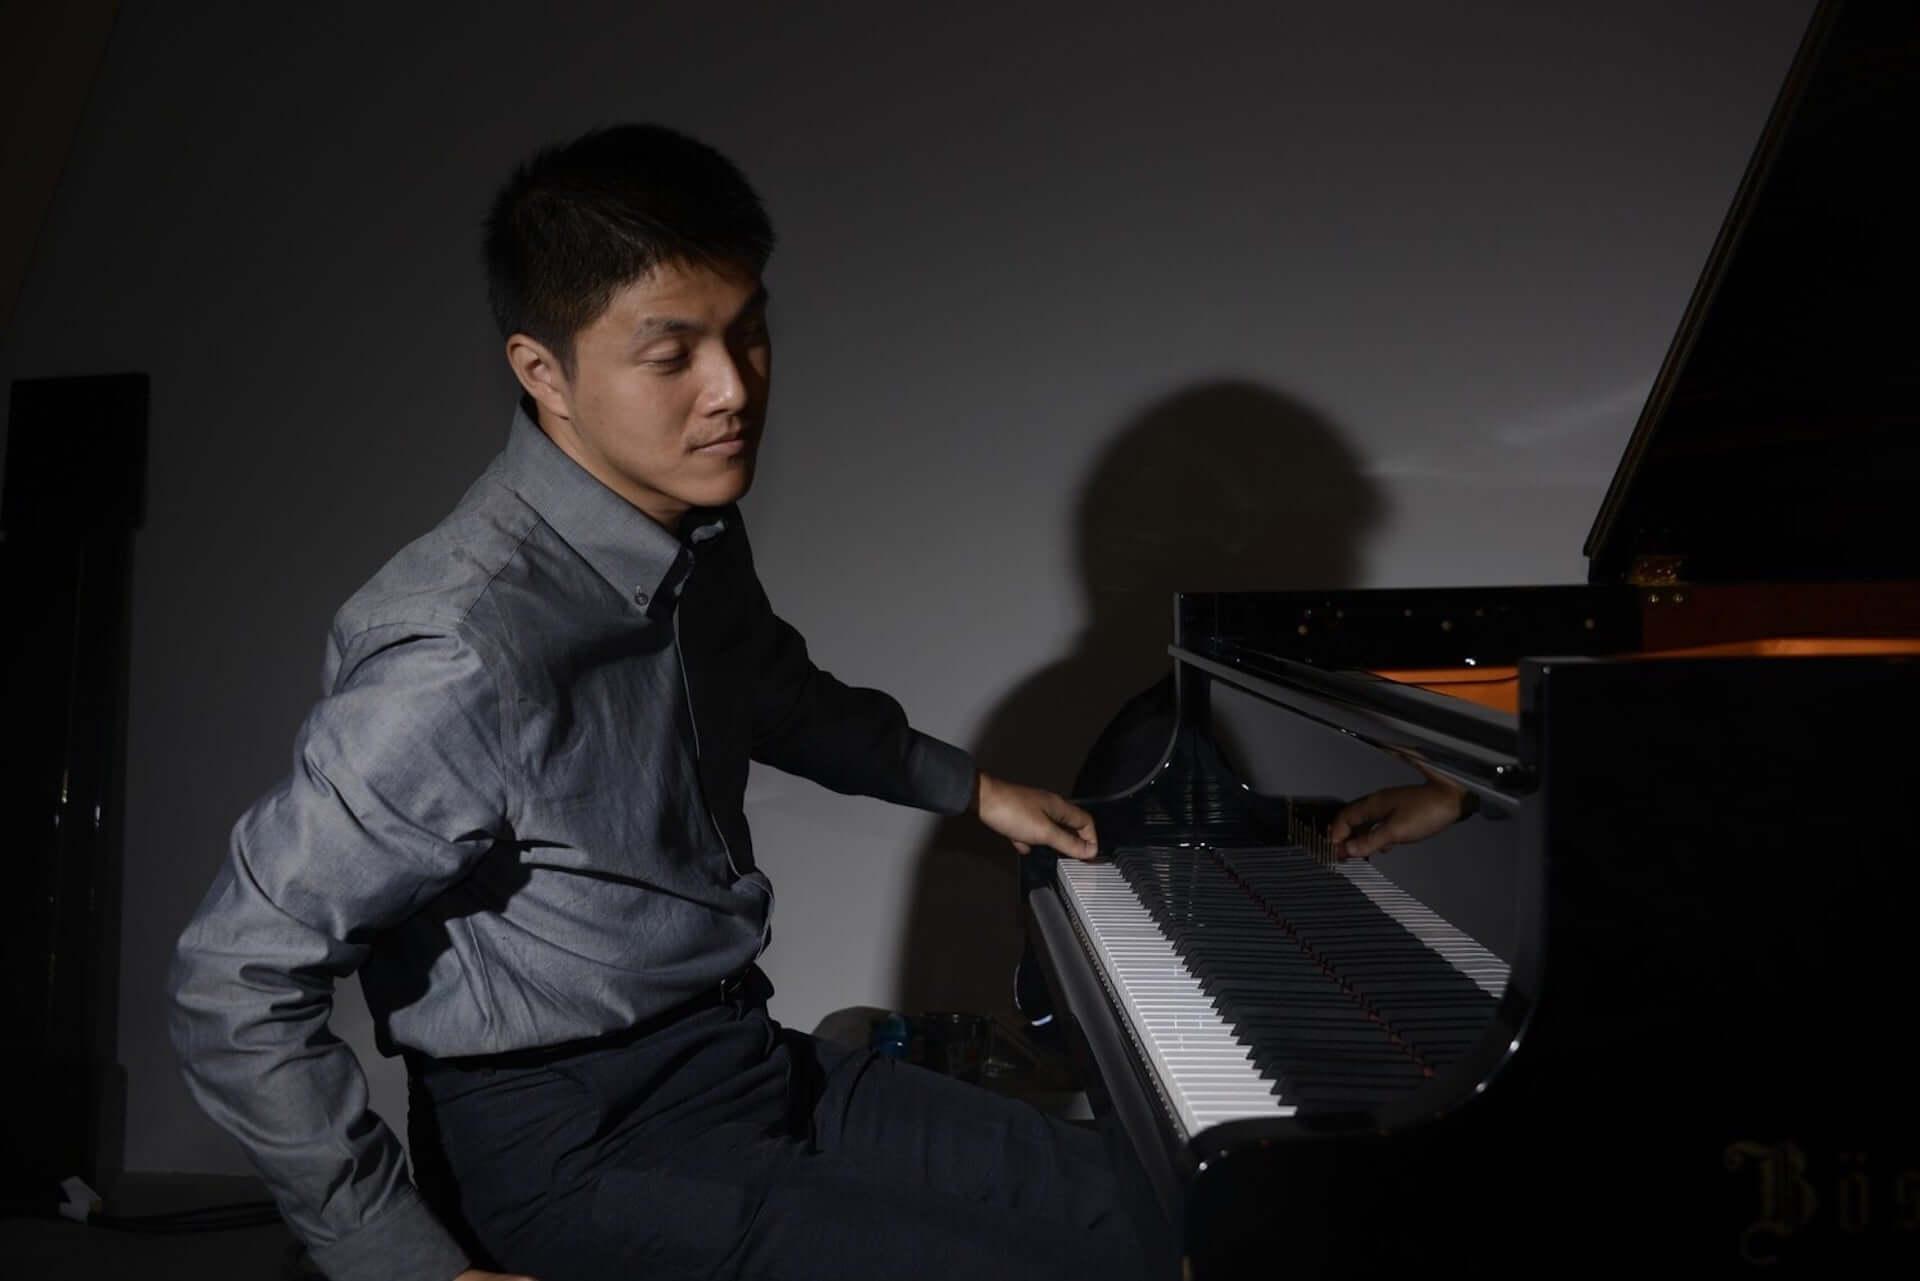 巻上公一らが出演する、即興音楽とアートのフェスティバル<JAZZ ART せんがわ 2019>開催決定!クラウドファンディング実施中 Shih-Yang-Lee-1920x1281